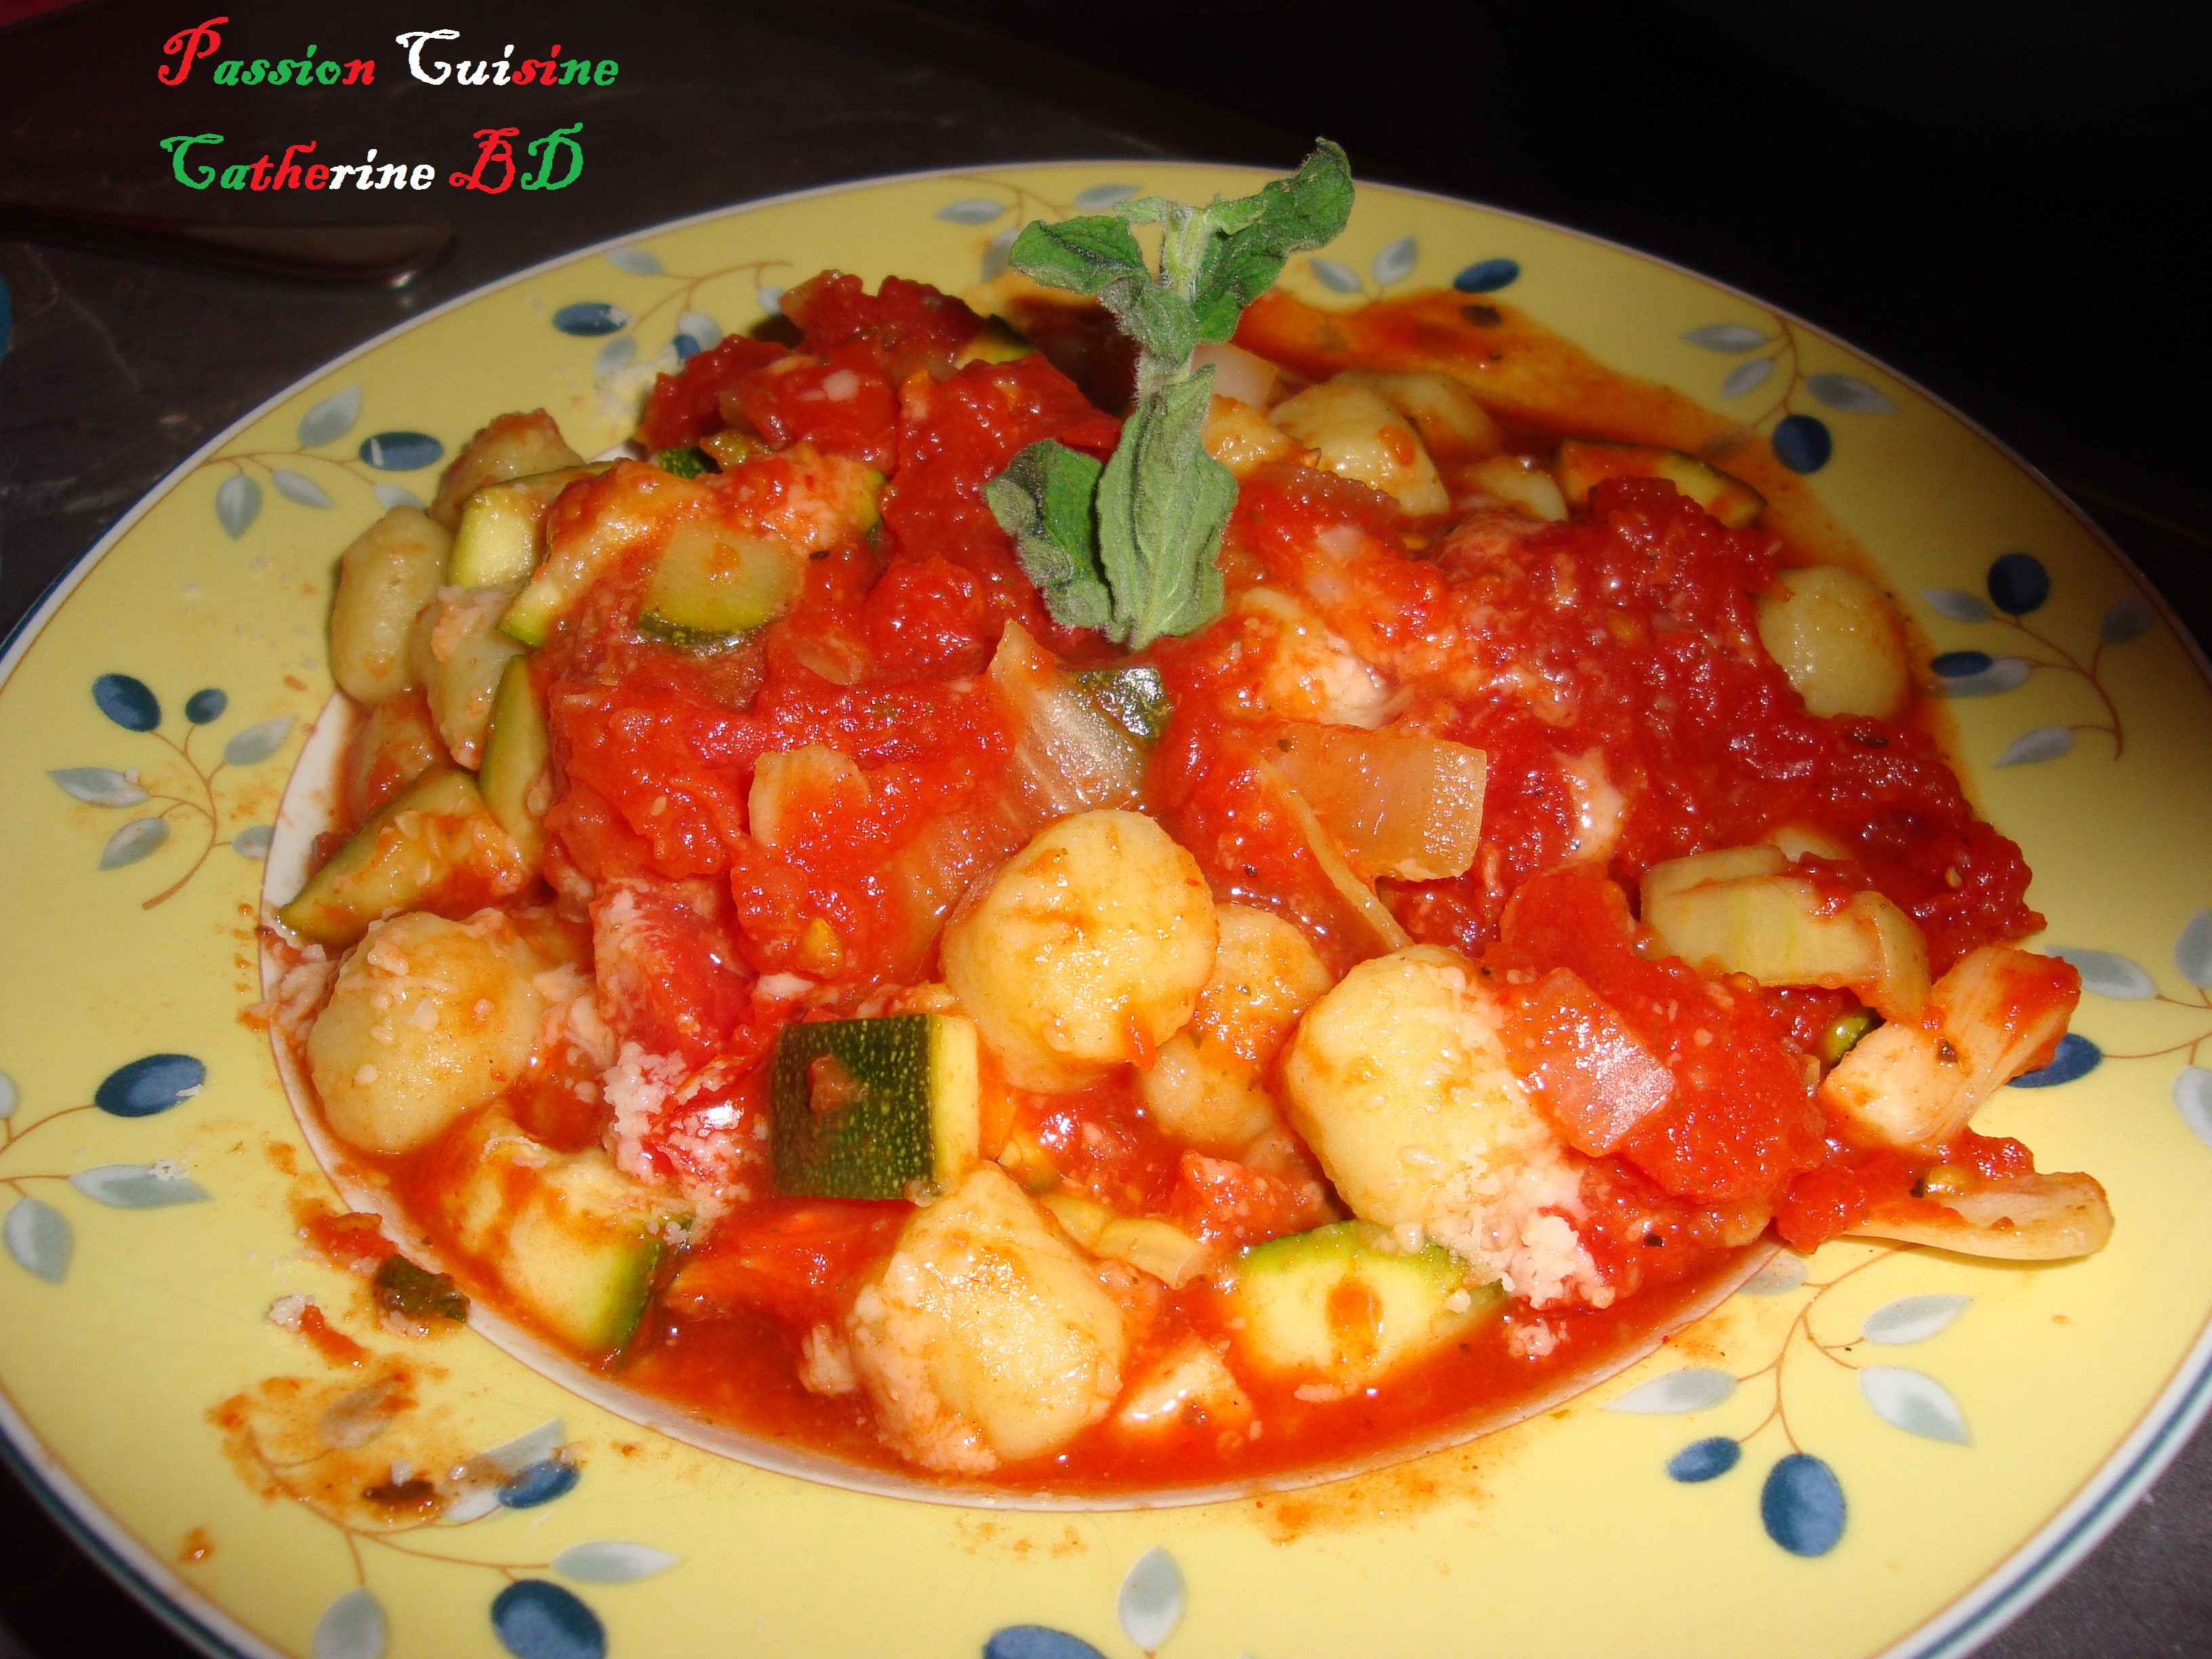 Gnocchi avec l gumes l italienne passion cuisine for Passion cuisine